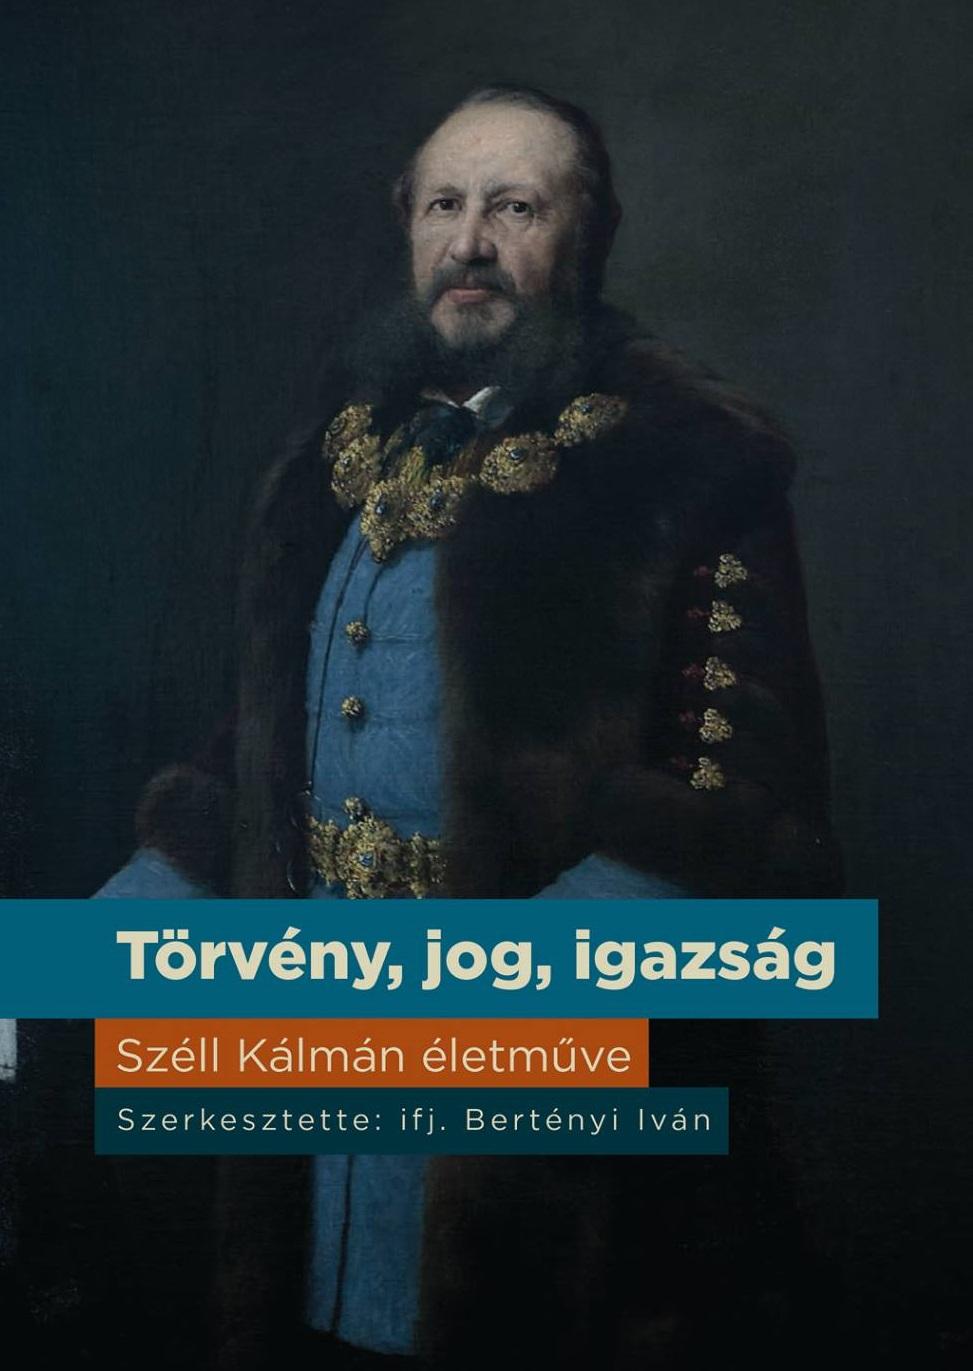 torveny_jog_igazsag.jpg